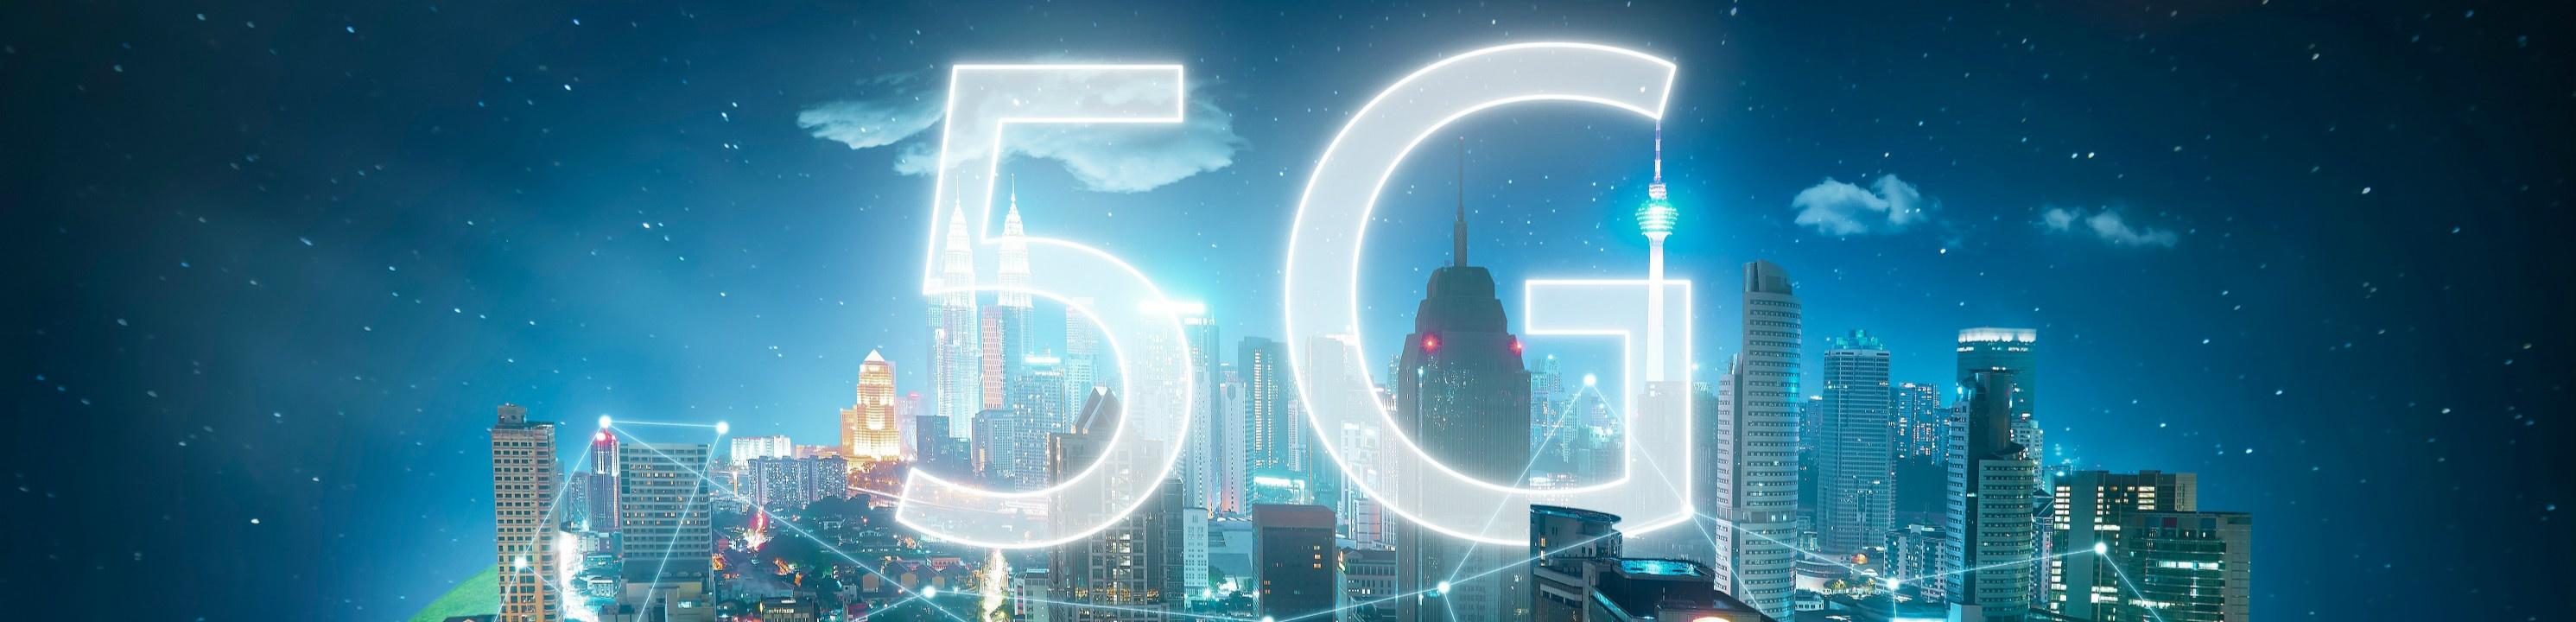 5G来了!